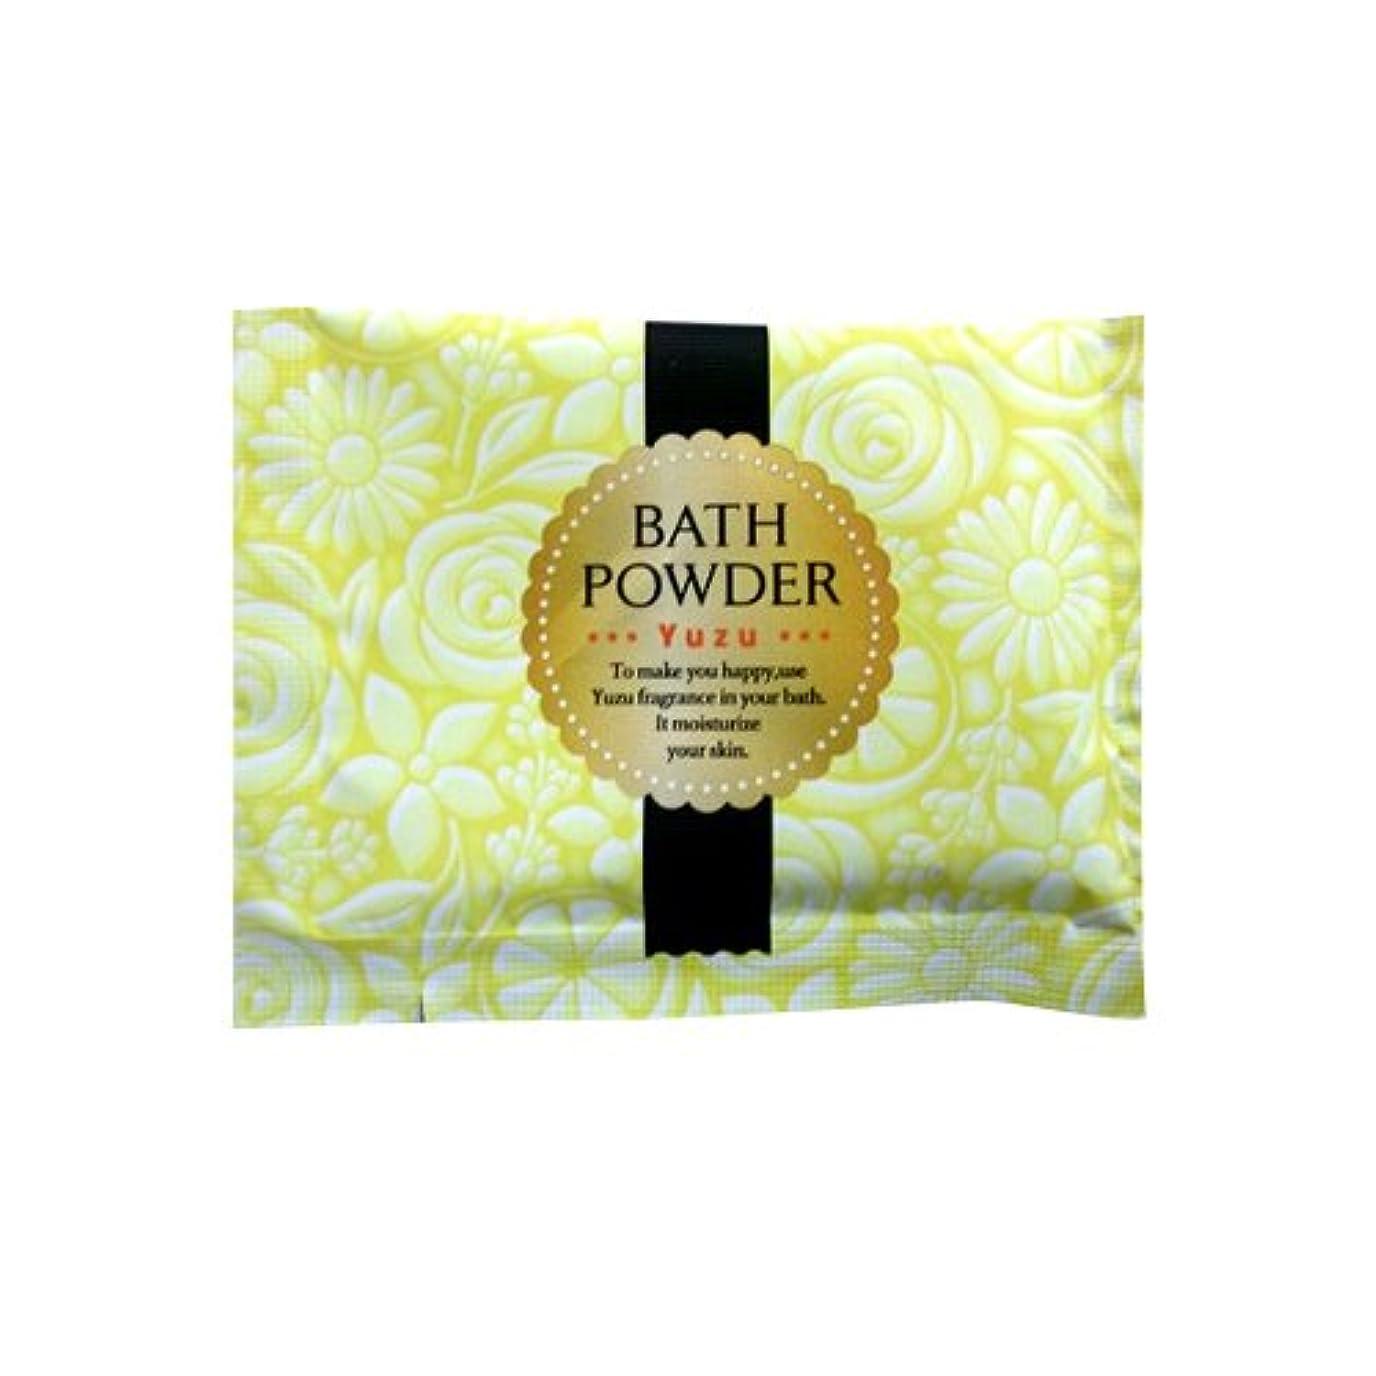 競合他社選手温室弱める入浴剤 LUCKY BATH (ラッキーバス) 25g ユズの香り